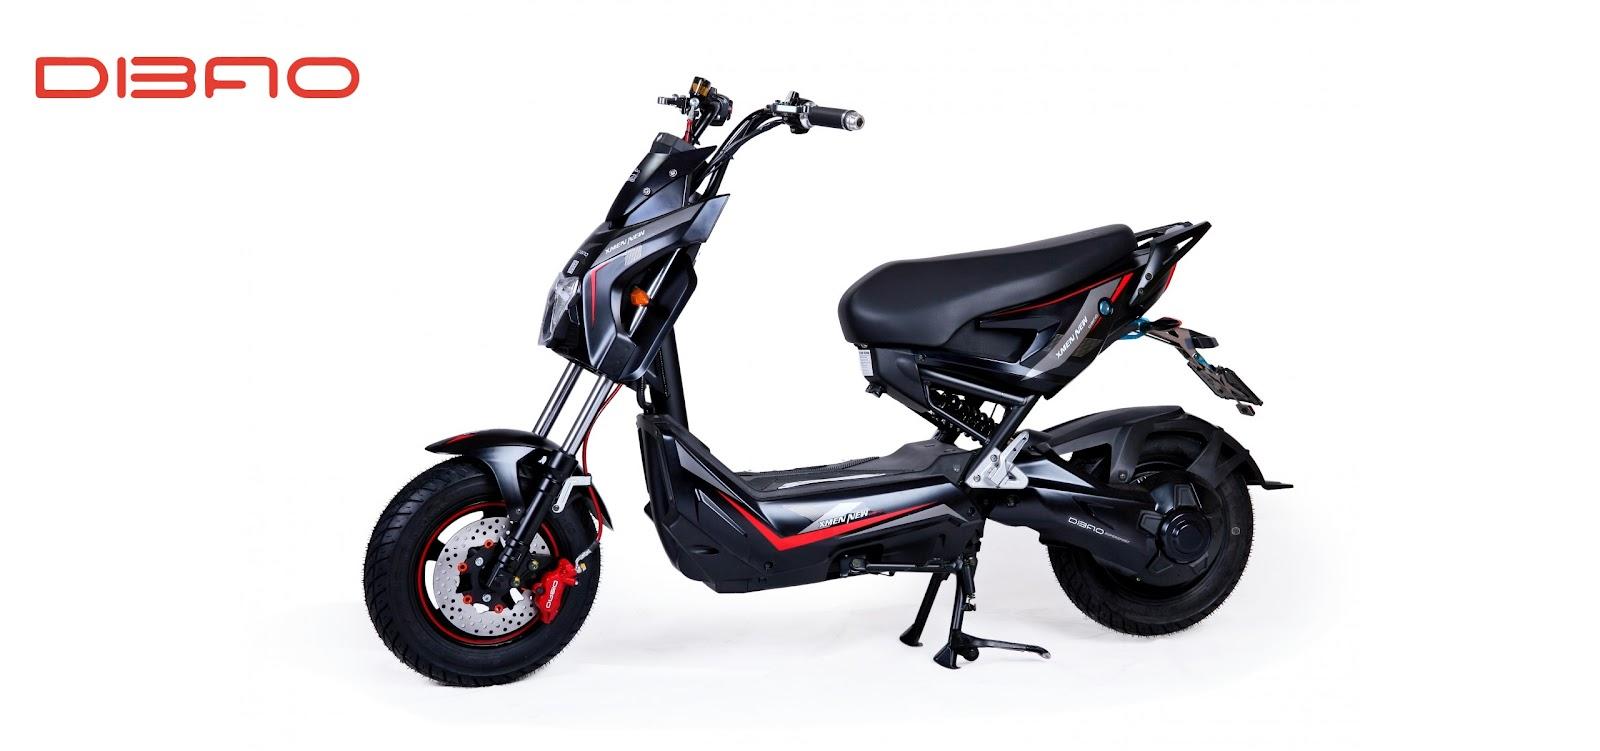 Xe máy điện Dibao Xmen New S sở hữu thiết kế nhỏ gọn